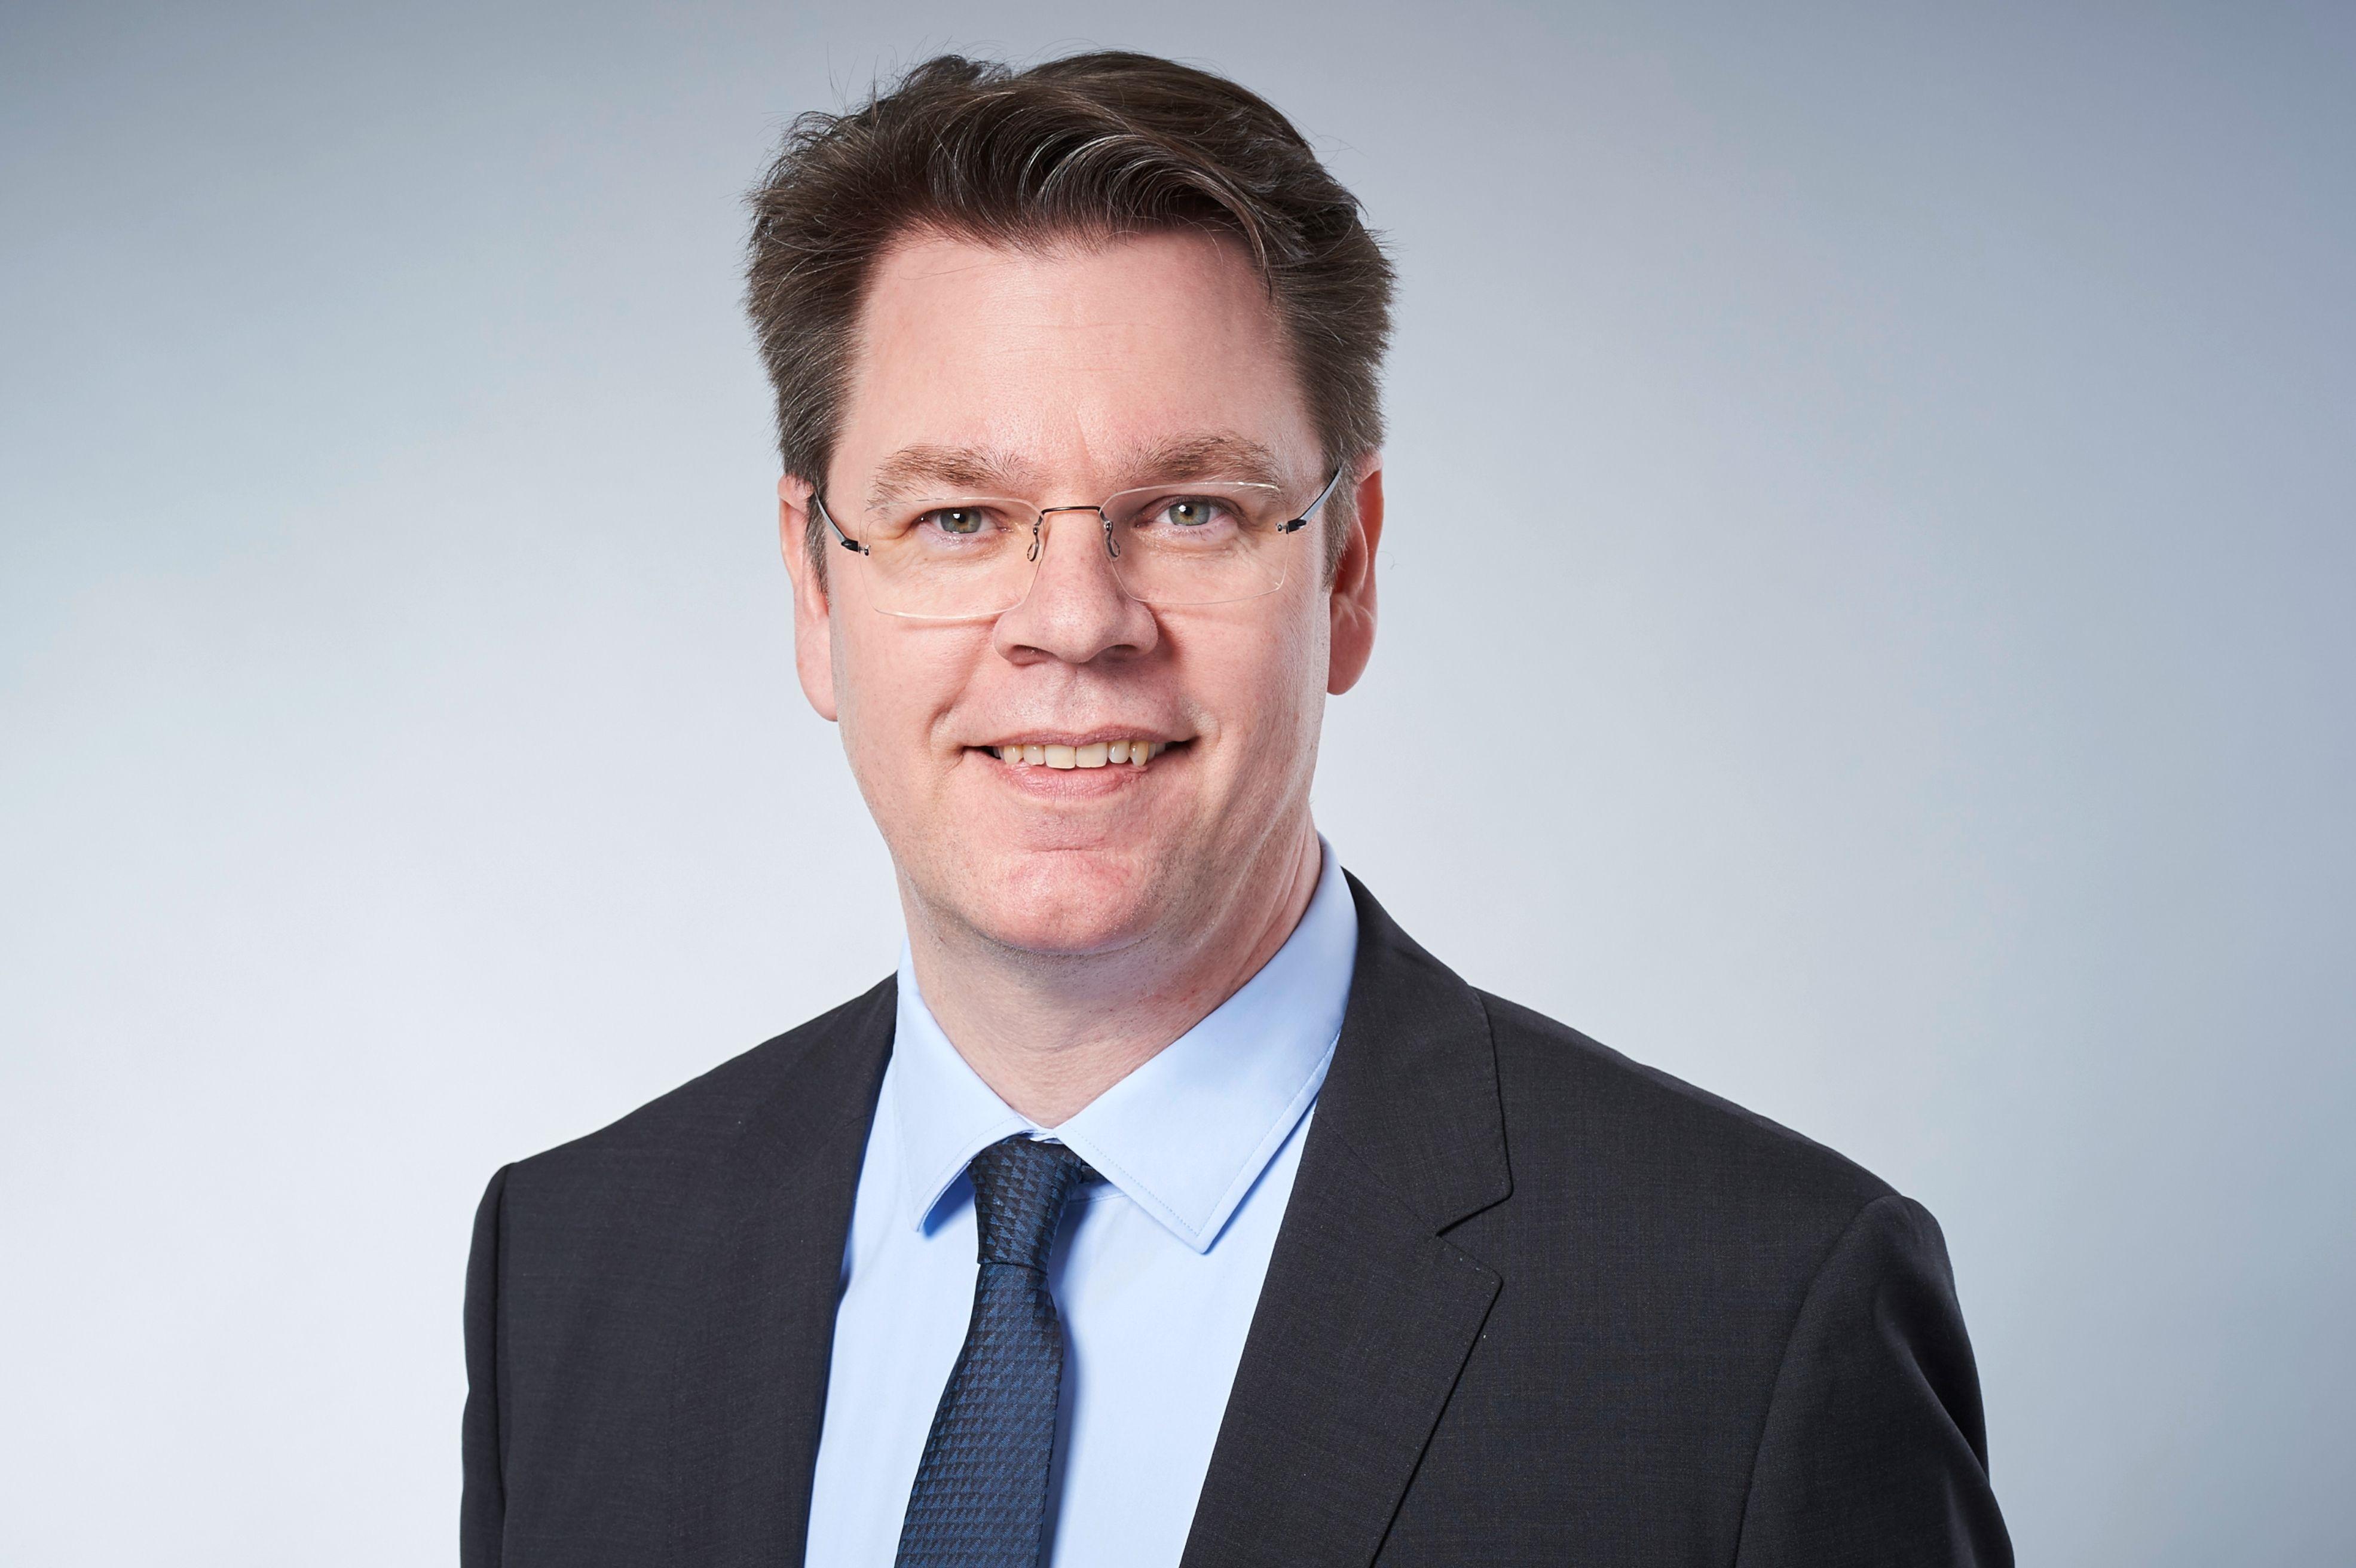 Stefan Efftinge